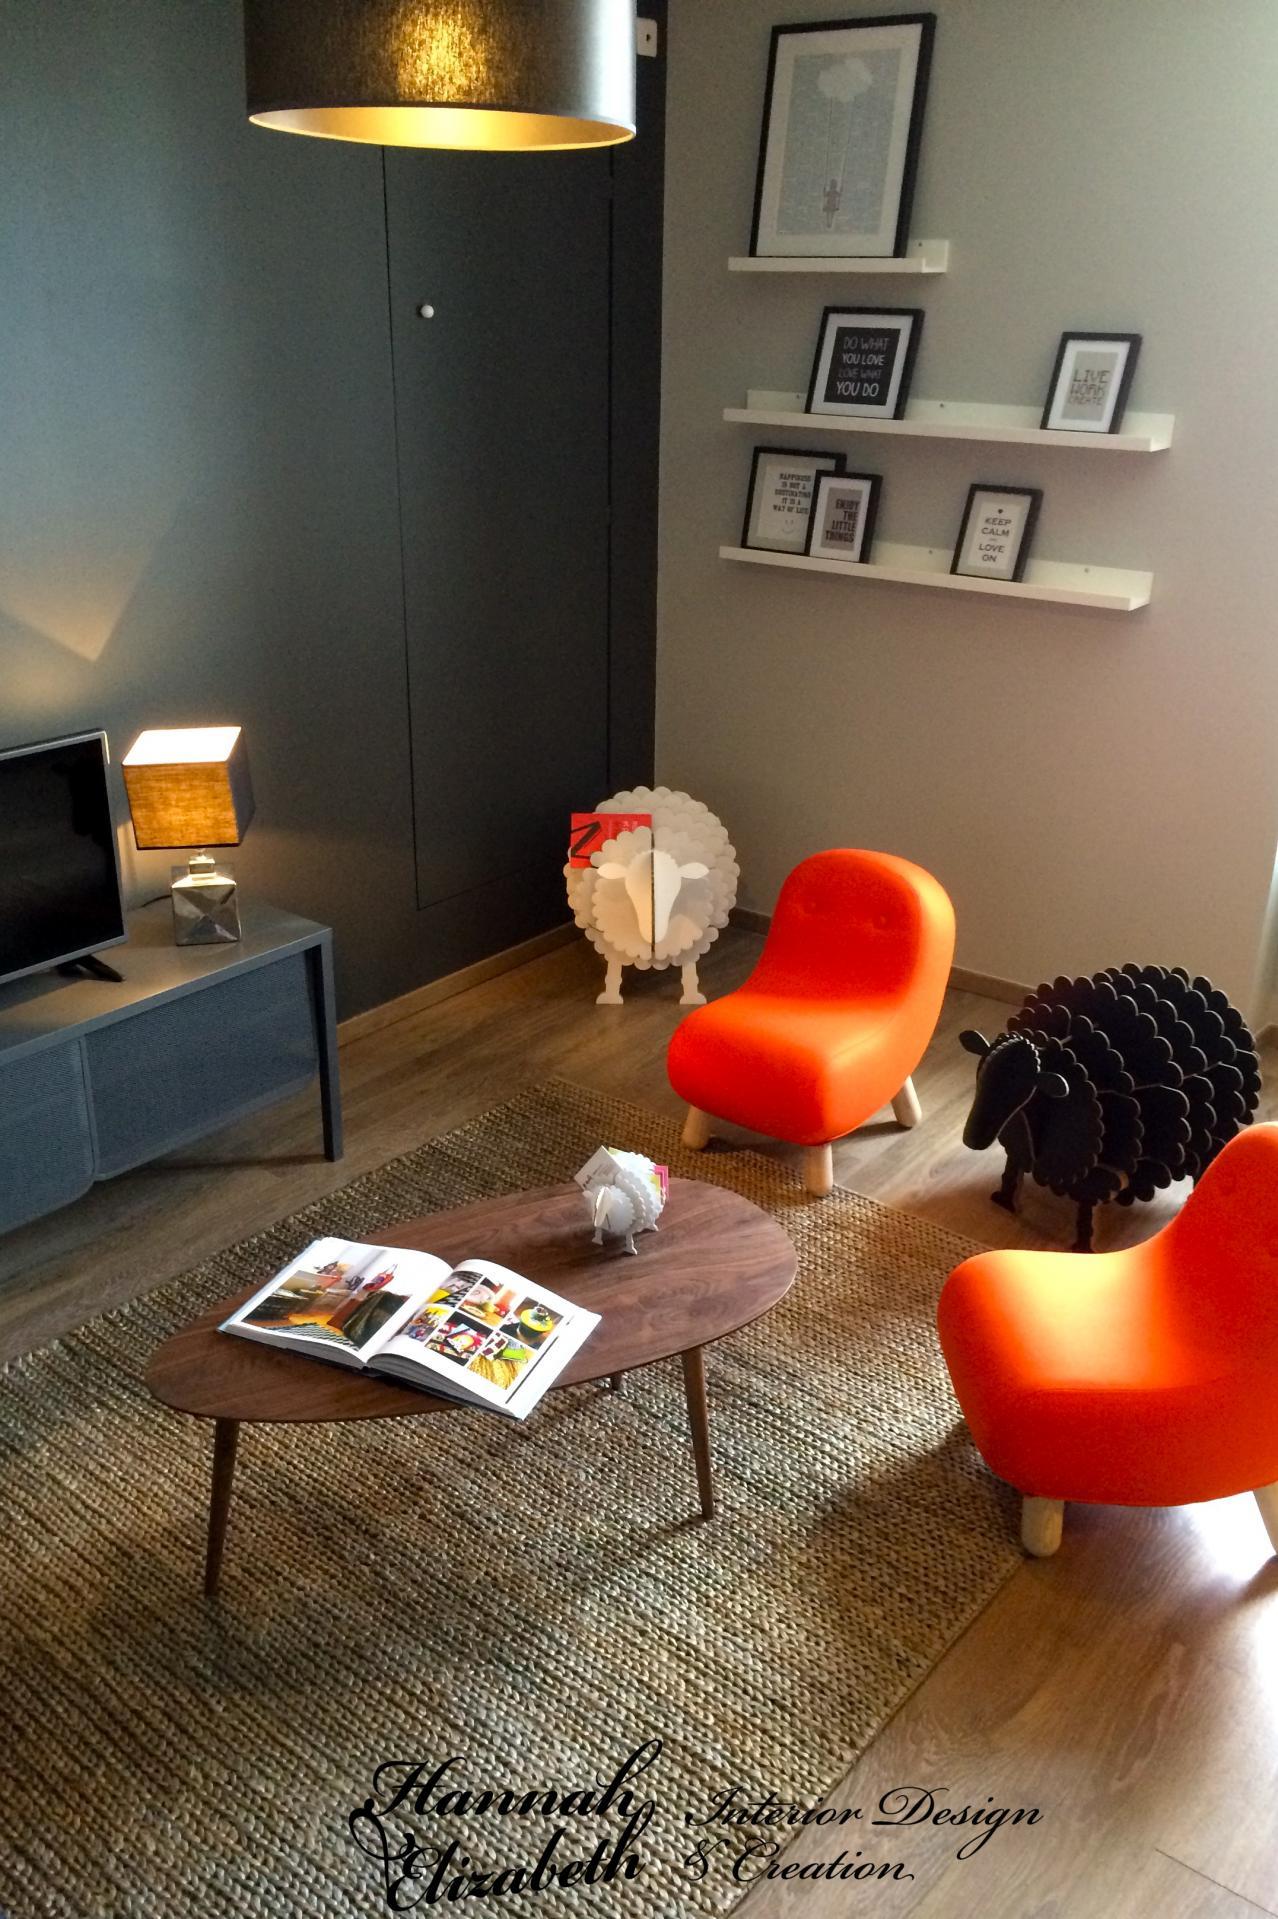 Salon cadres muraux moutons fauteuils orange bob tapis tresse